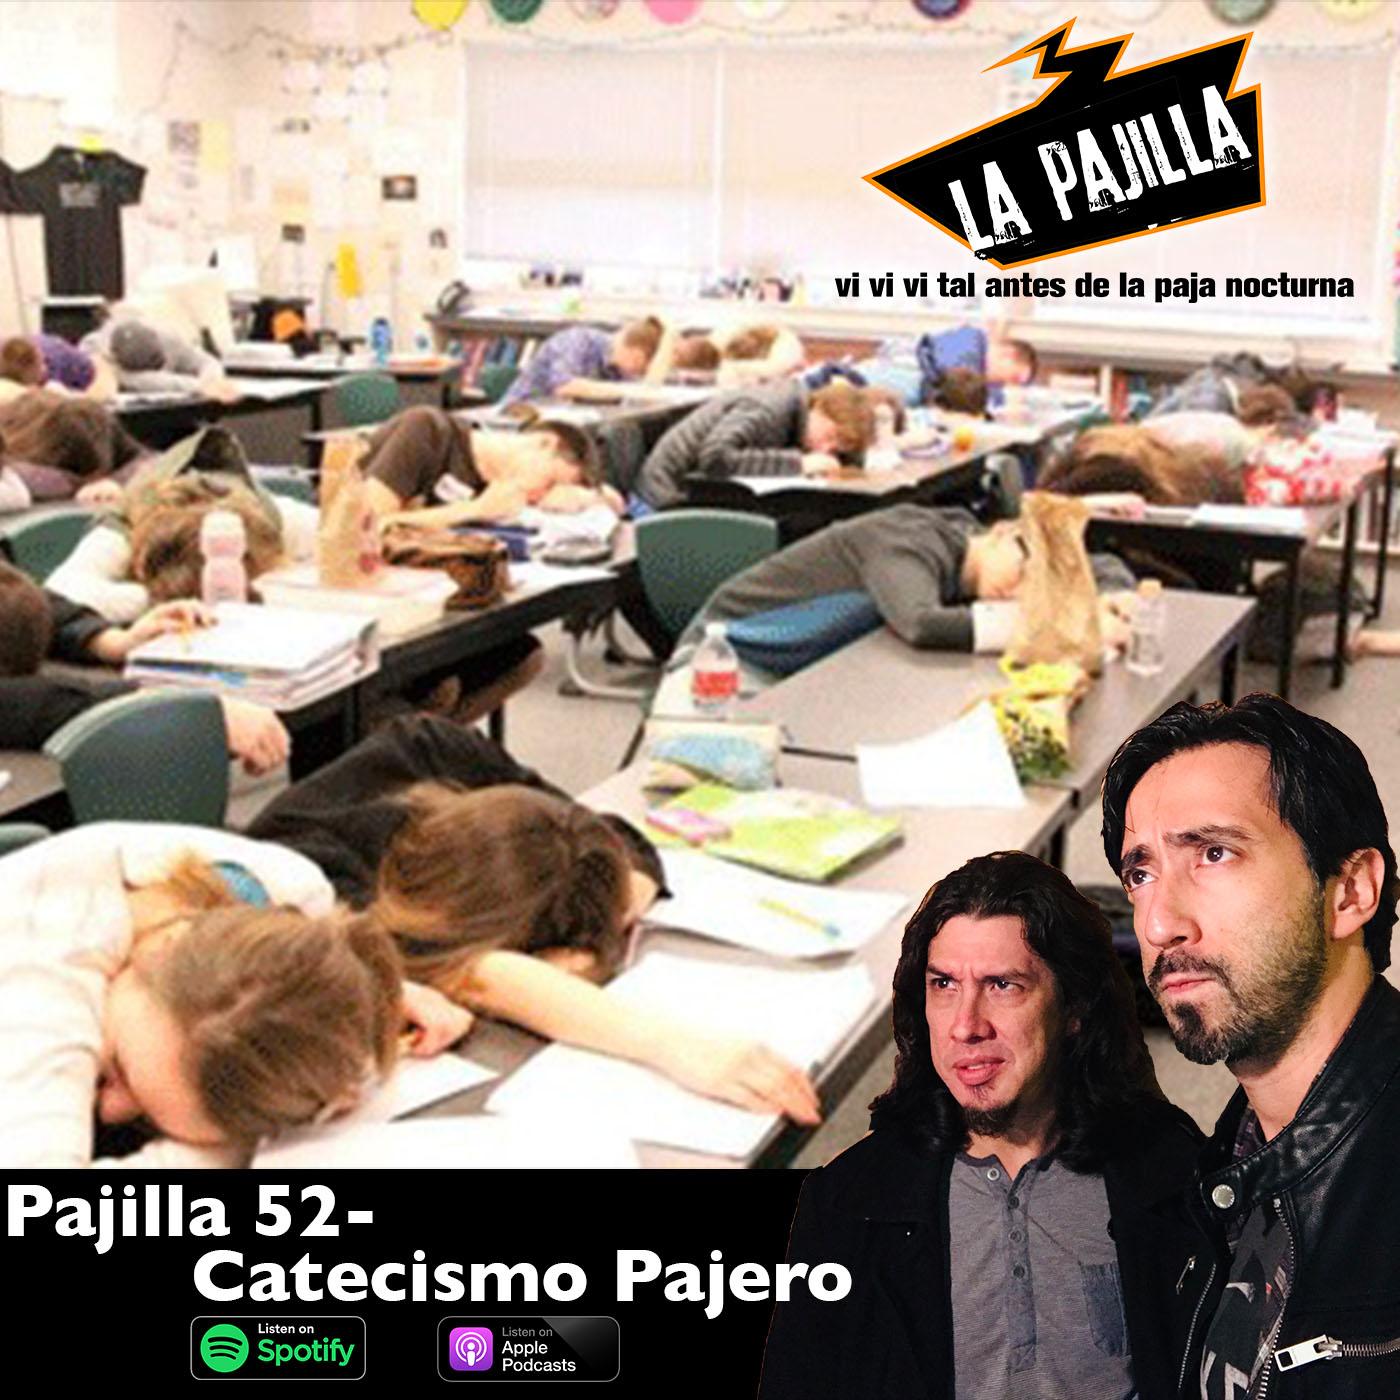 La Paja Nocturna Podcast CR Pajilla 52